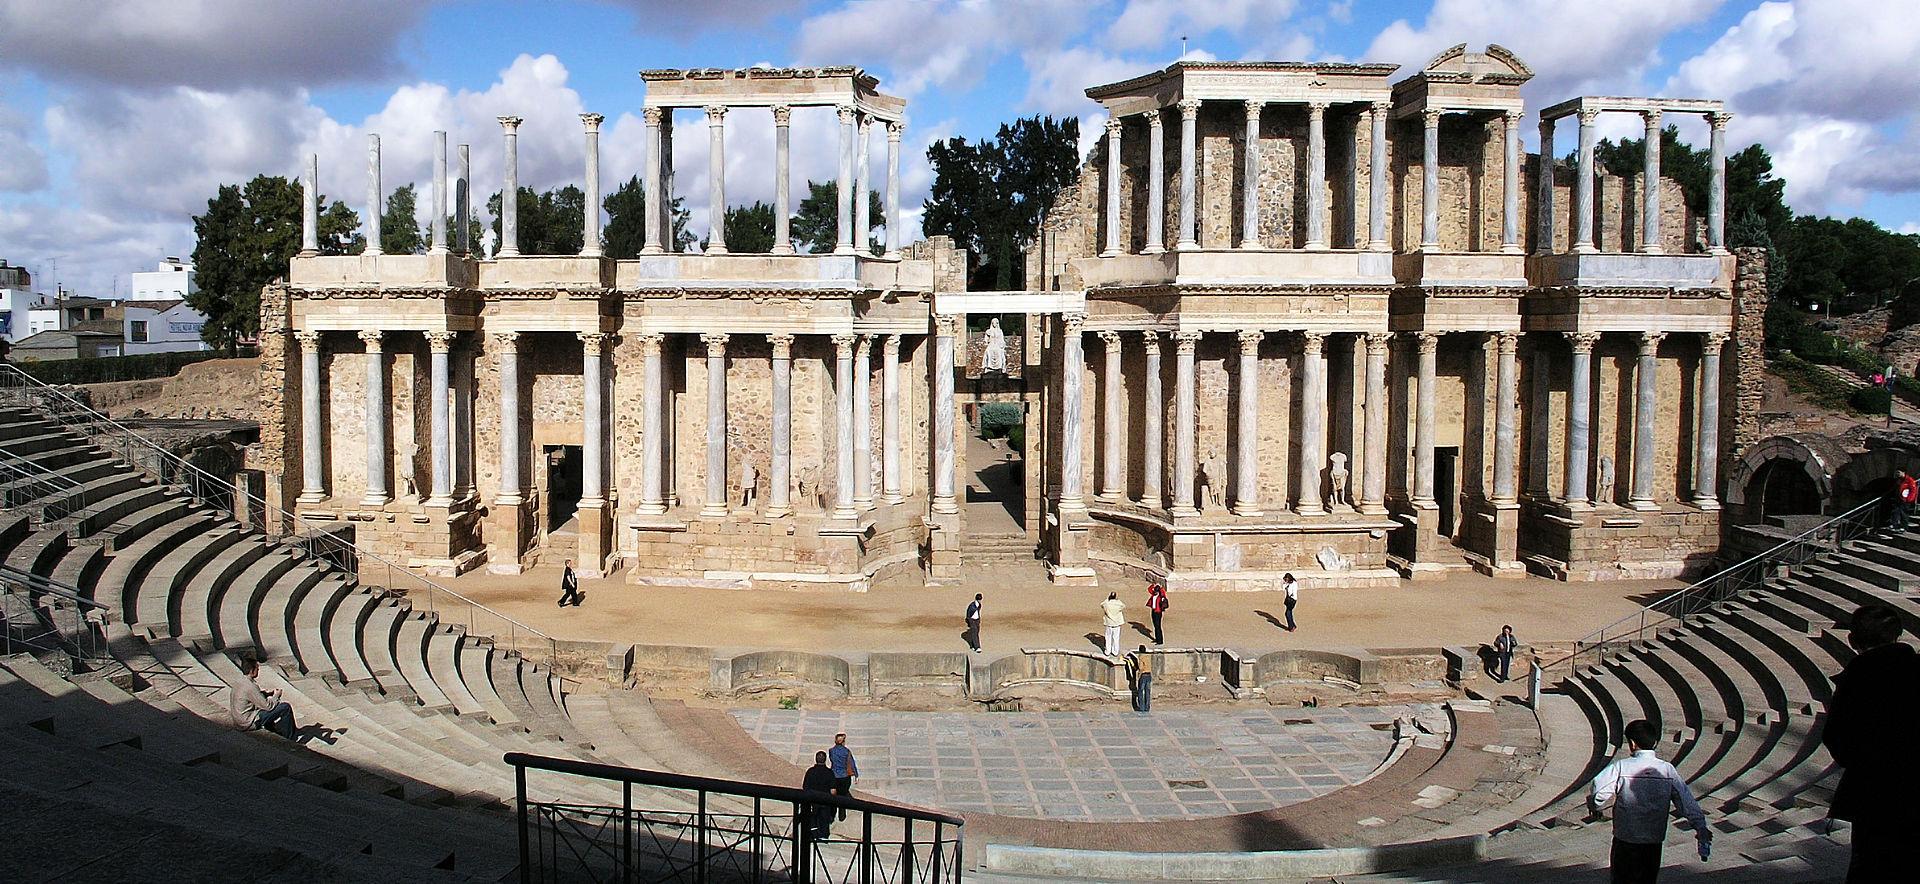 メリダのこのローマ時代の劇場はあまりにも有名です。夏にはオペラ等も開催されます。http://es.wikipedia.org/wiki/V%C3%ADa_de_la_Plata